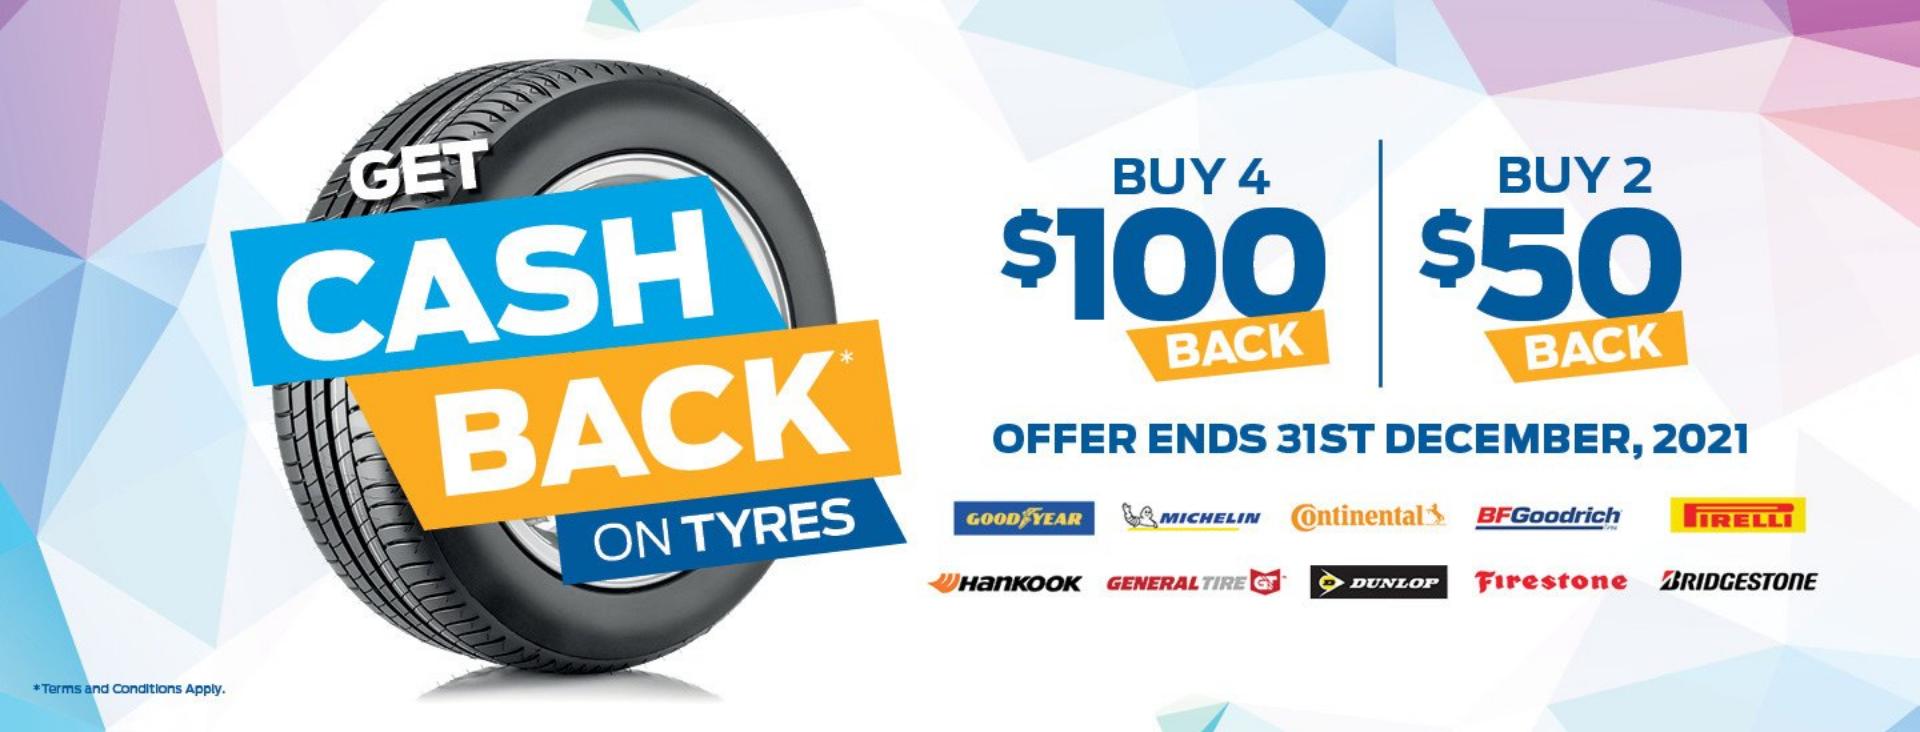 Get Cash Back on Tyres